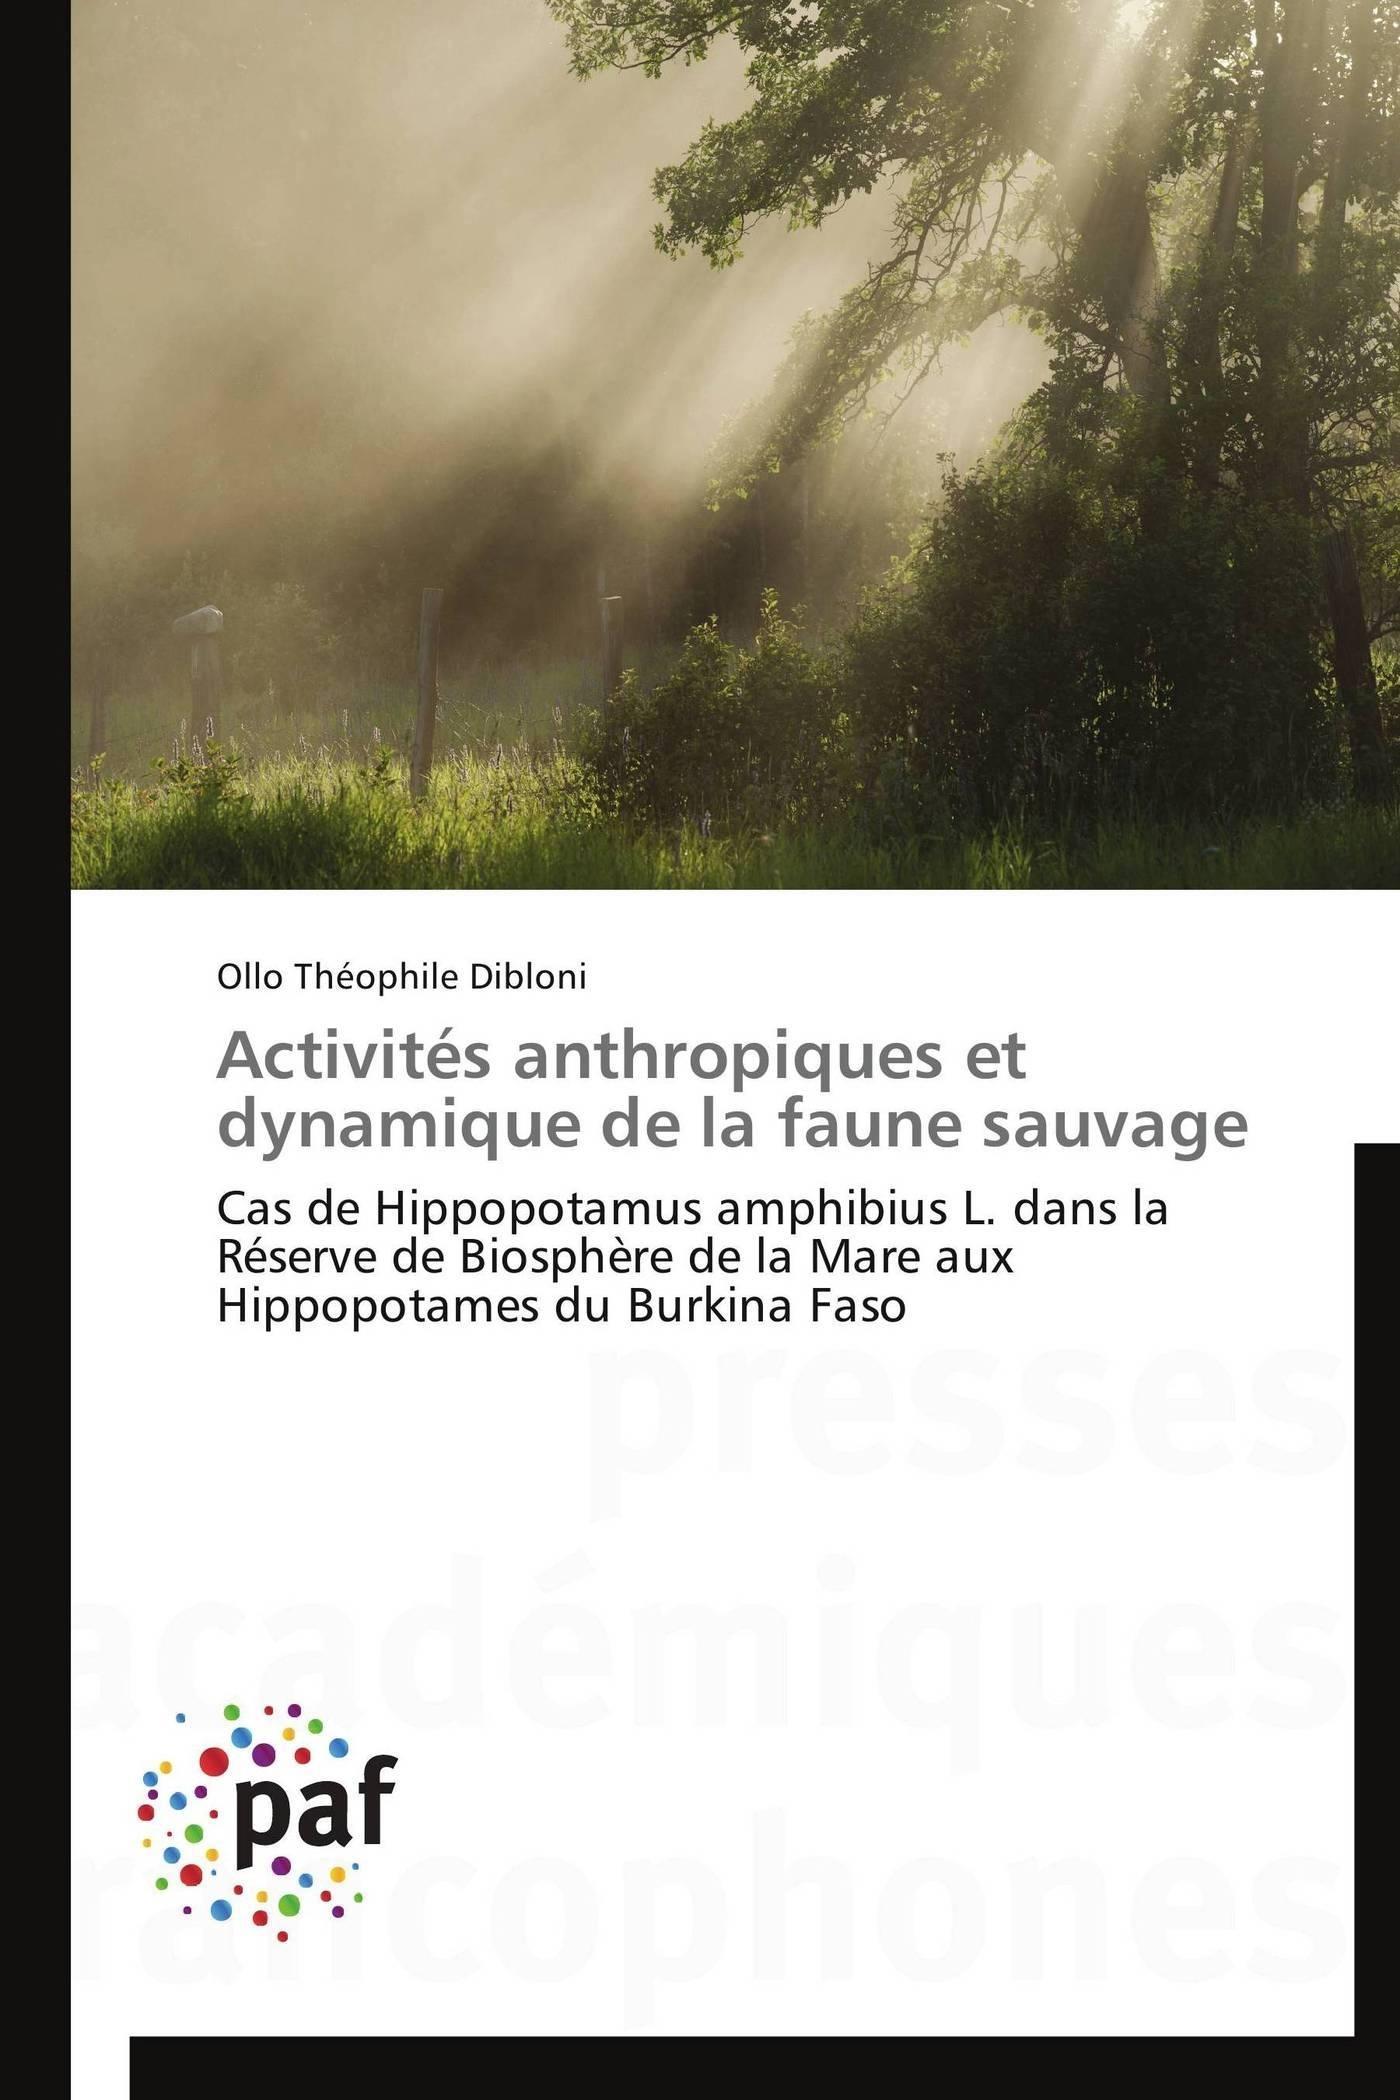 ACTIVITES ANTHROPIQUES ET DYNAMIQUE DE LA FAUNE SAUVAGE